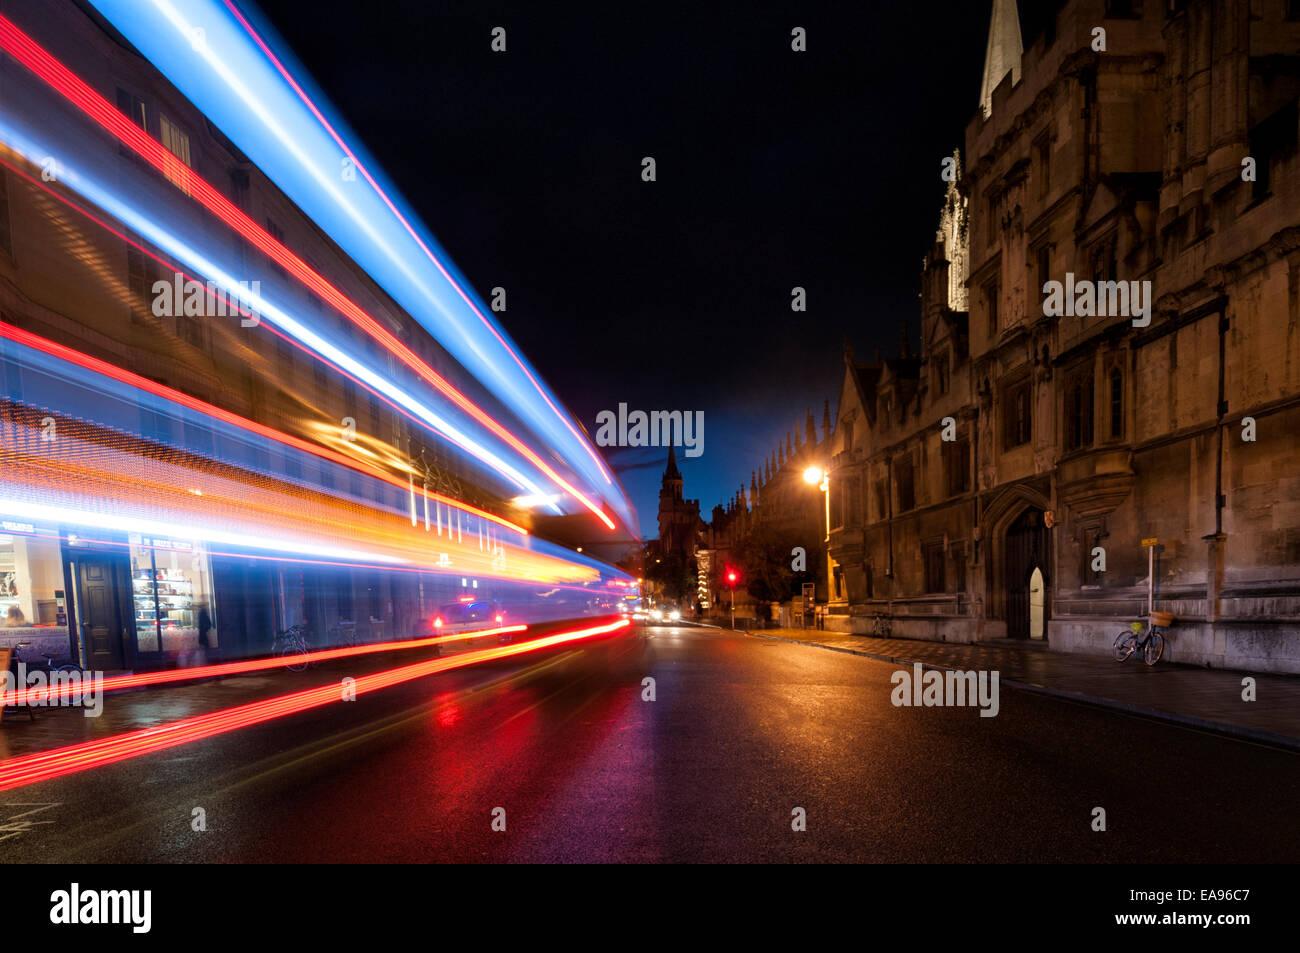 Oxford Hight Street la nuit avec des stries de lumière à partir de voitures passant Photo Stock